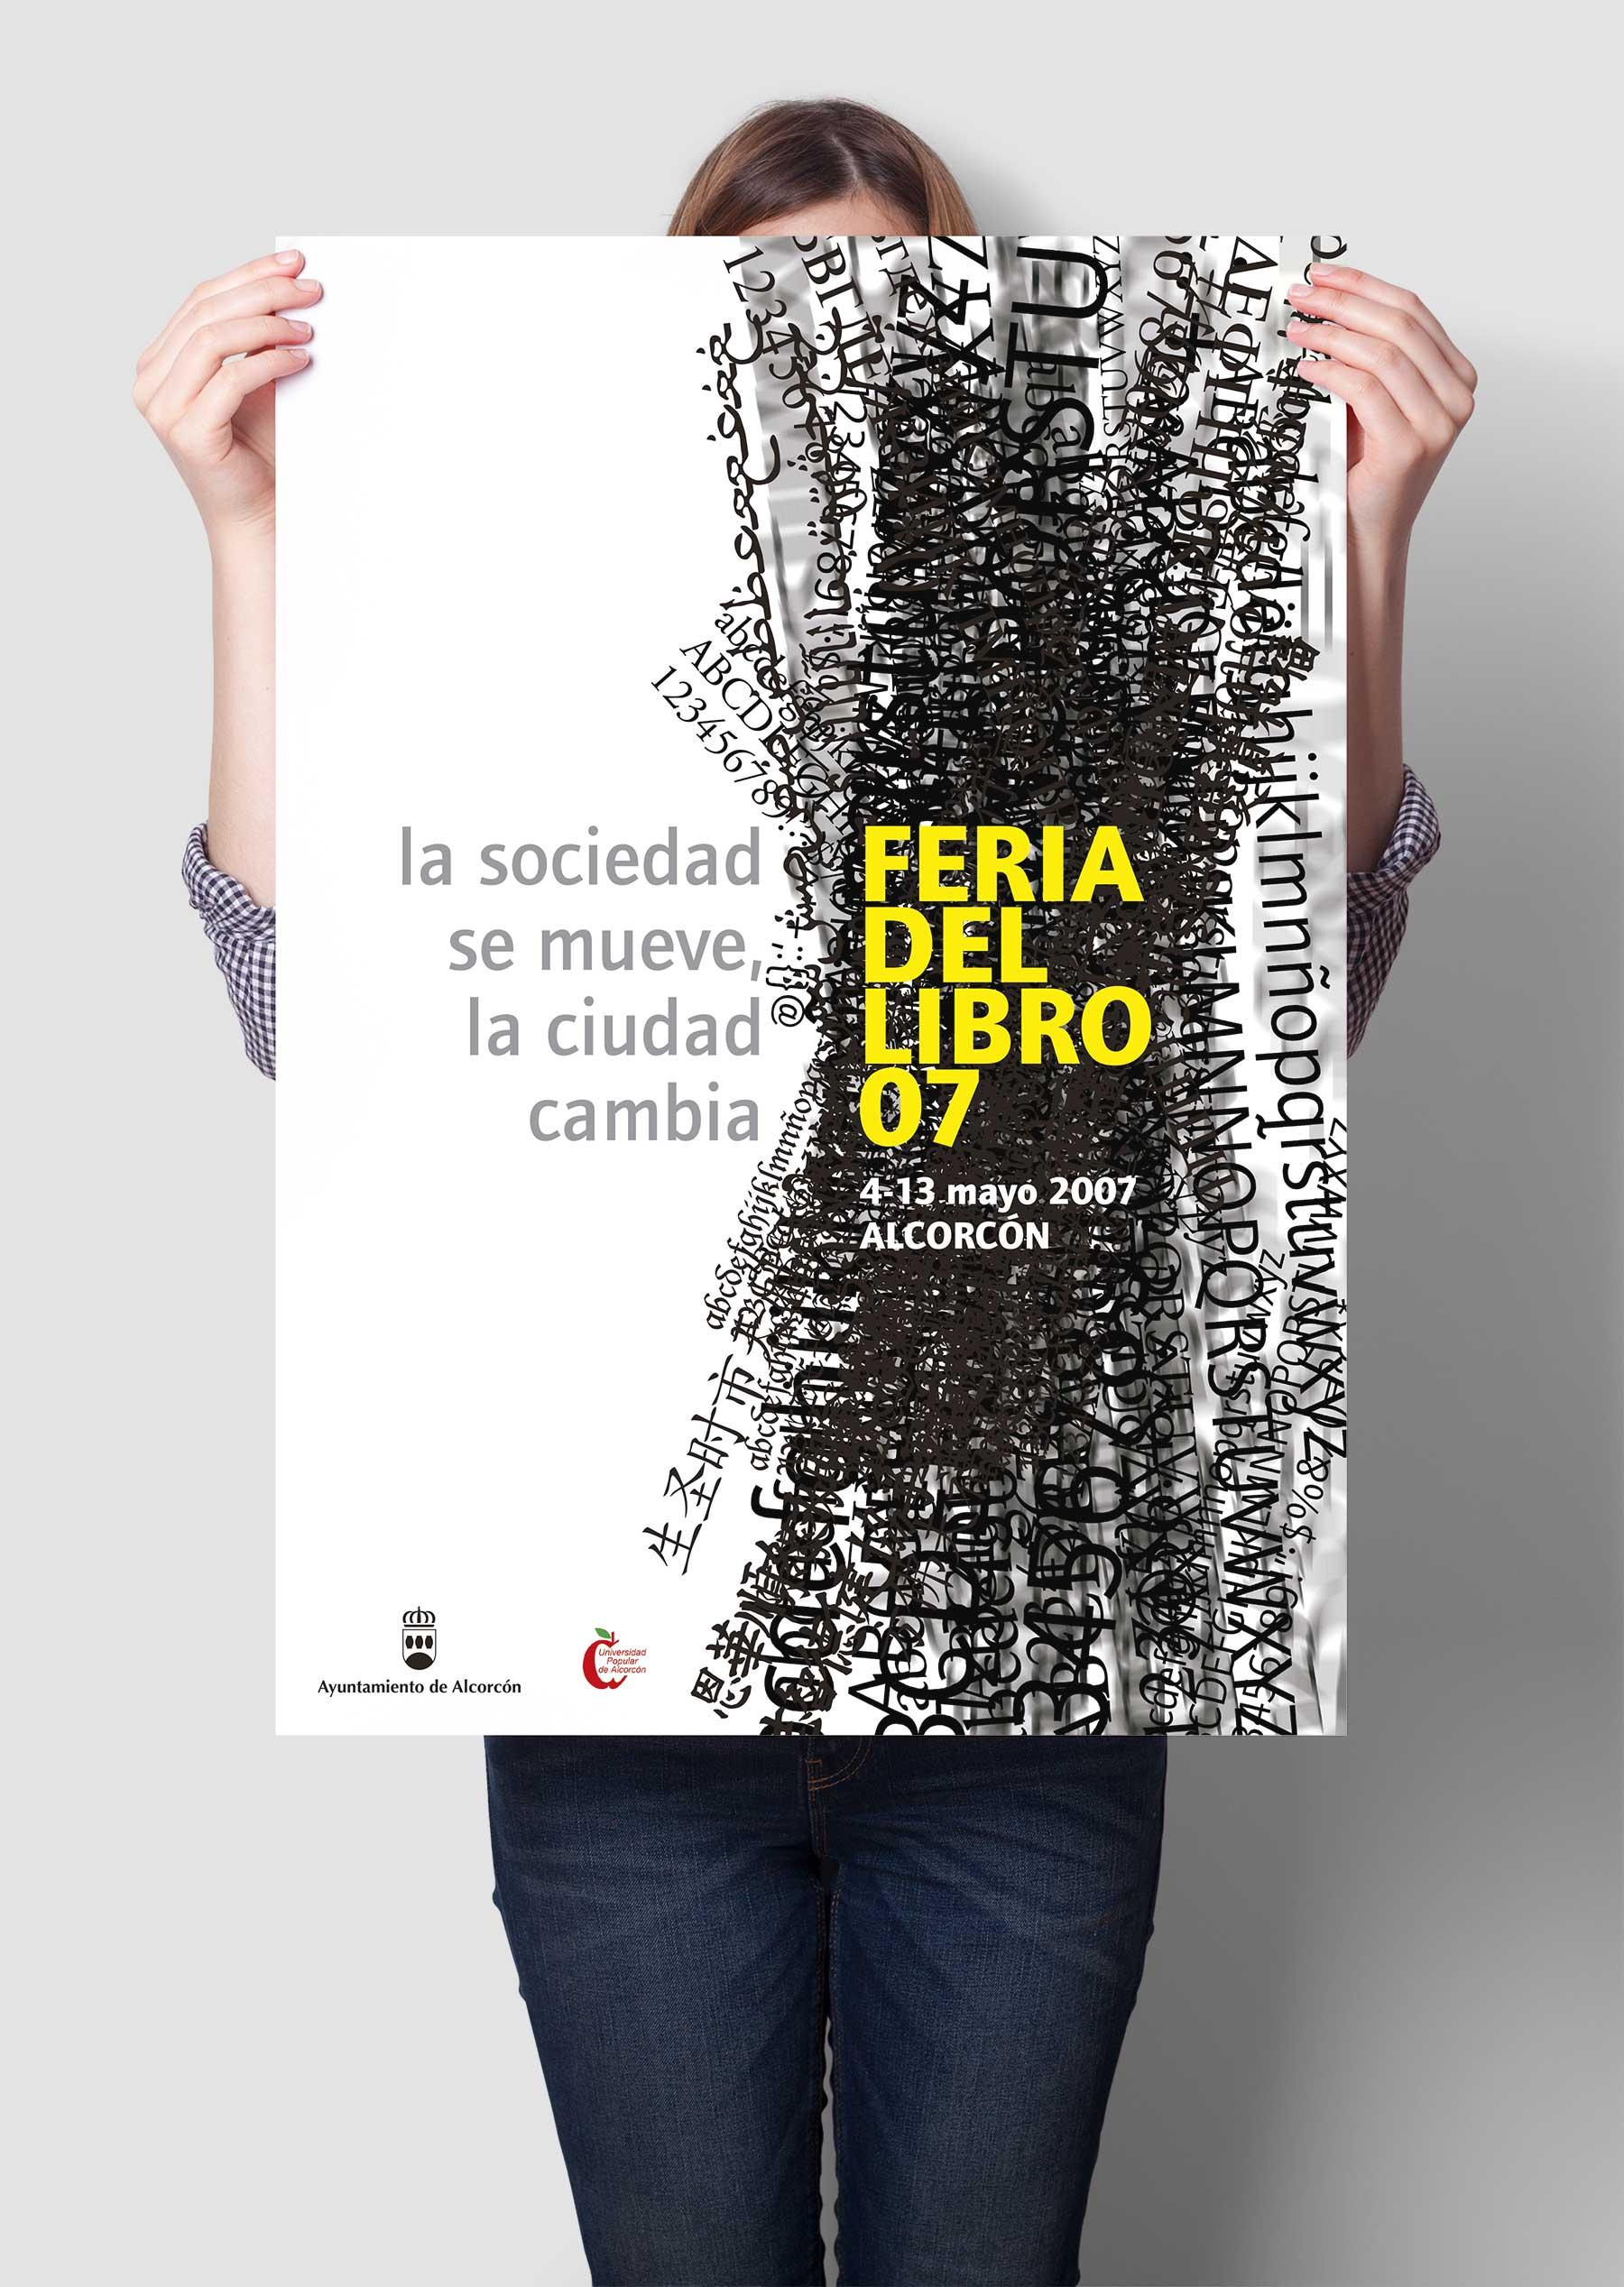 feria_libro08_01